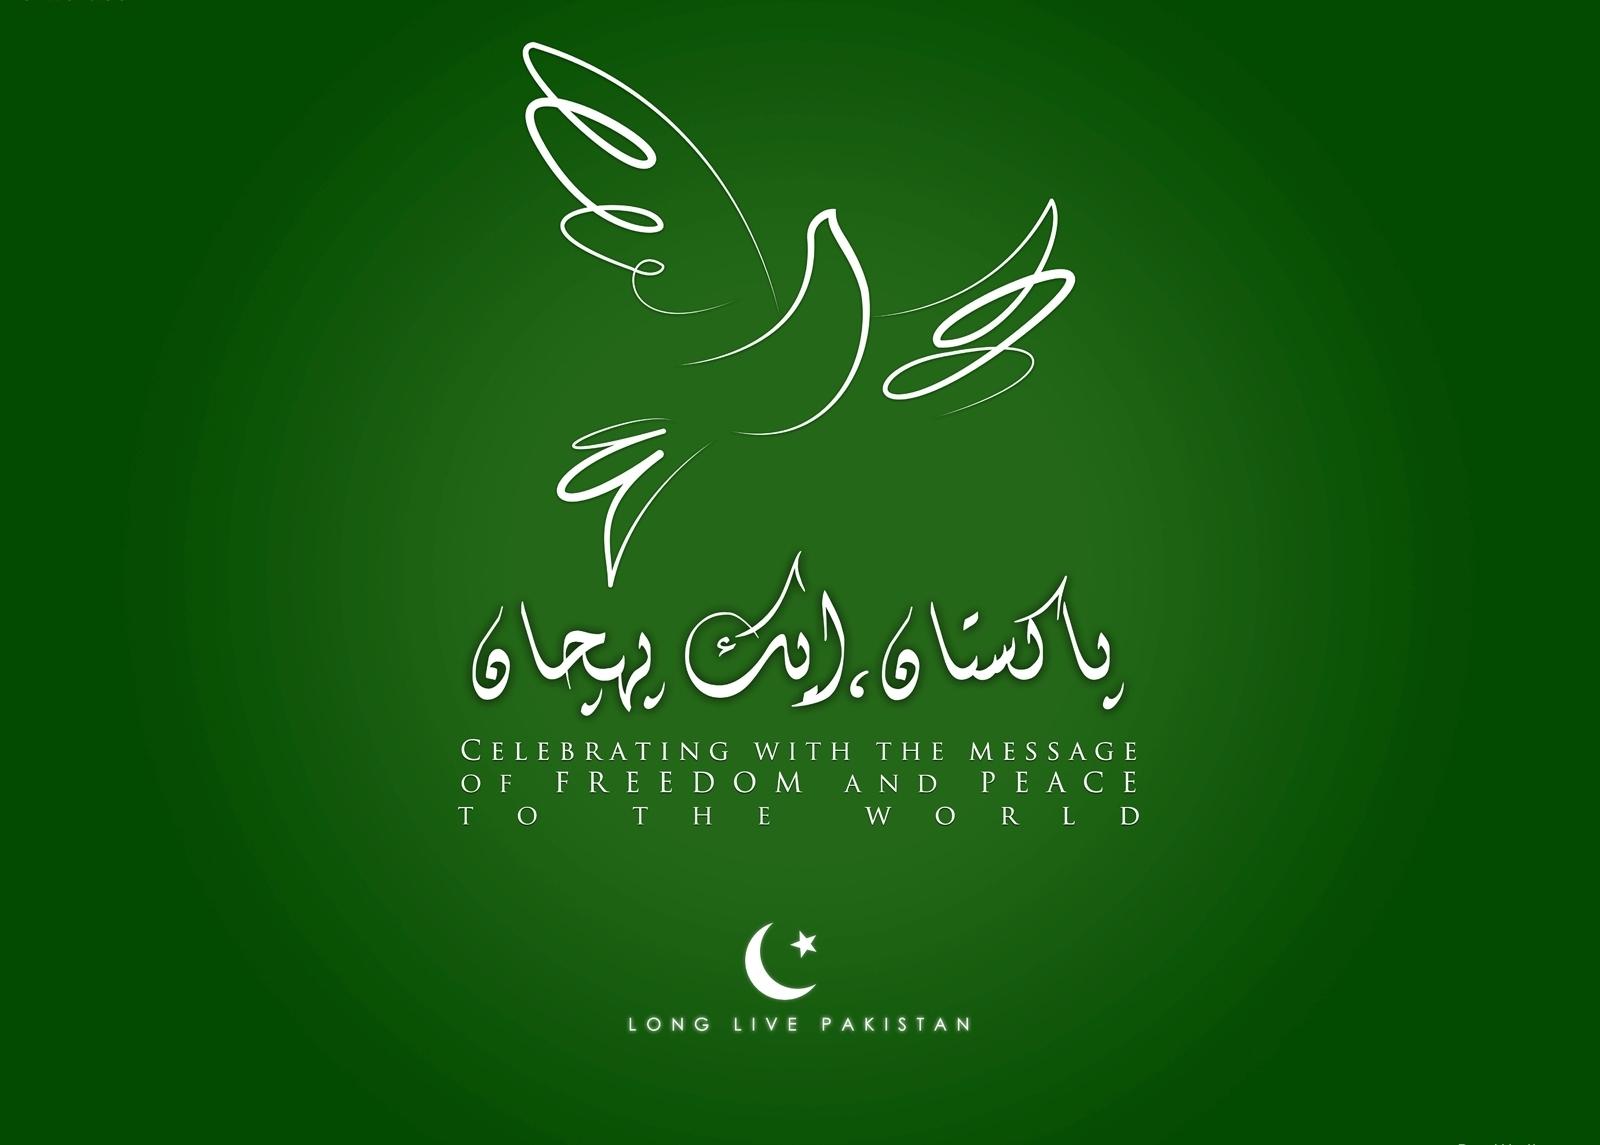 http://2.bp.blogspot.com/-PjmUzz7yBpk/UYOYjUrPsZI/AAAAAAAACW4/g80_ImgNjzw/s1600/pakistan-zindabad-wallpaper.jpg